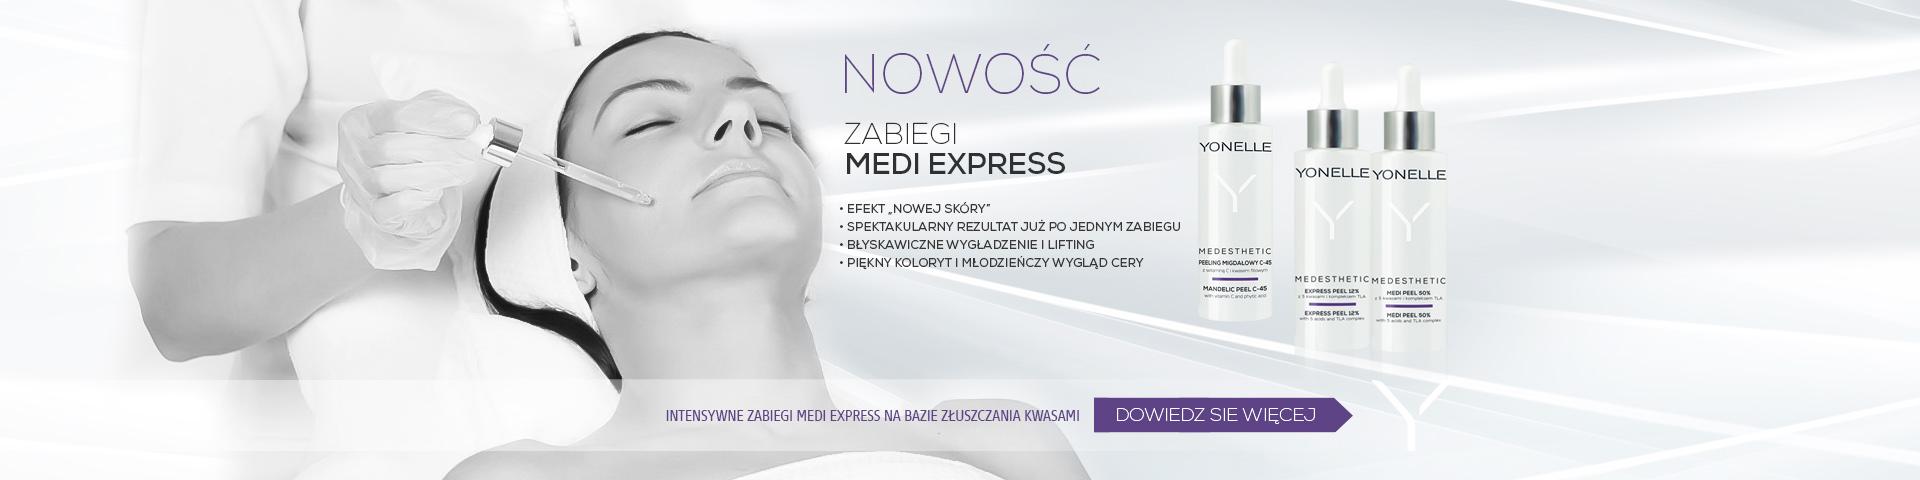 slide-KWASY-ZABIEGI-MEDI-EKSPRESS-nowosci-zabiegi-ok